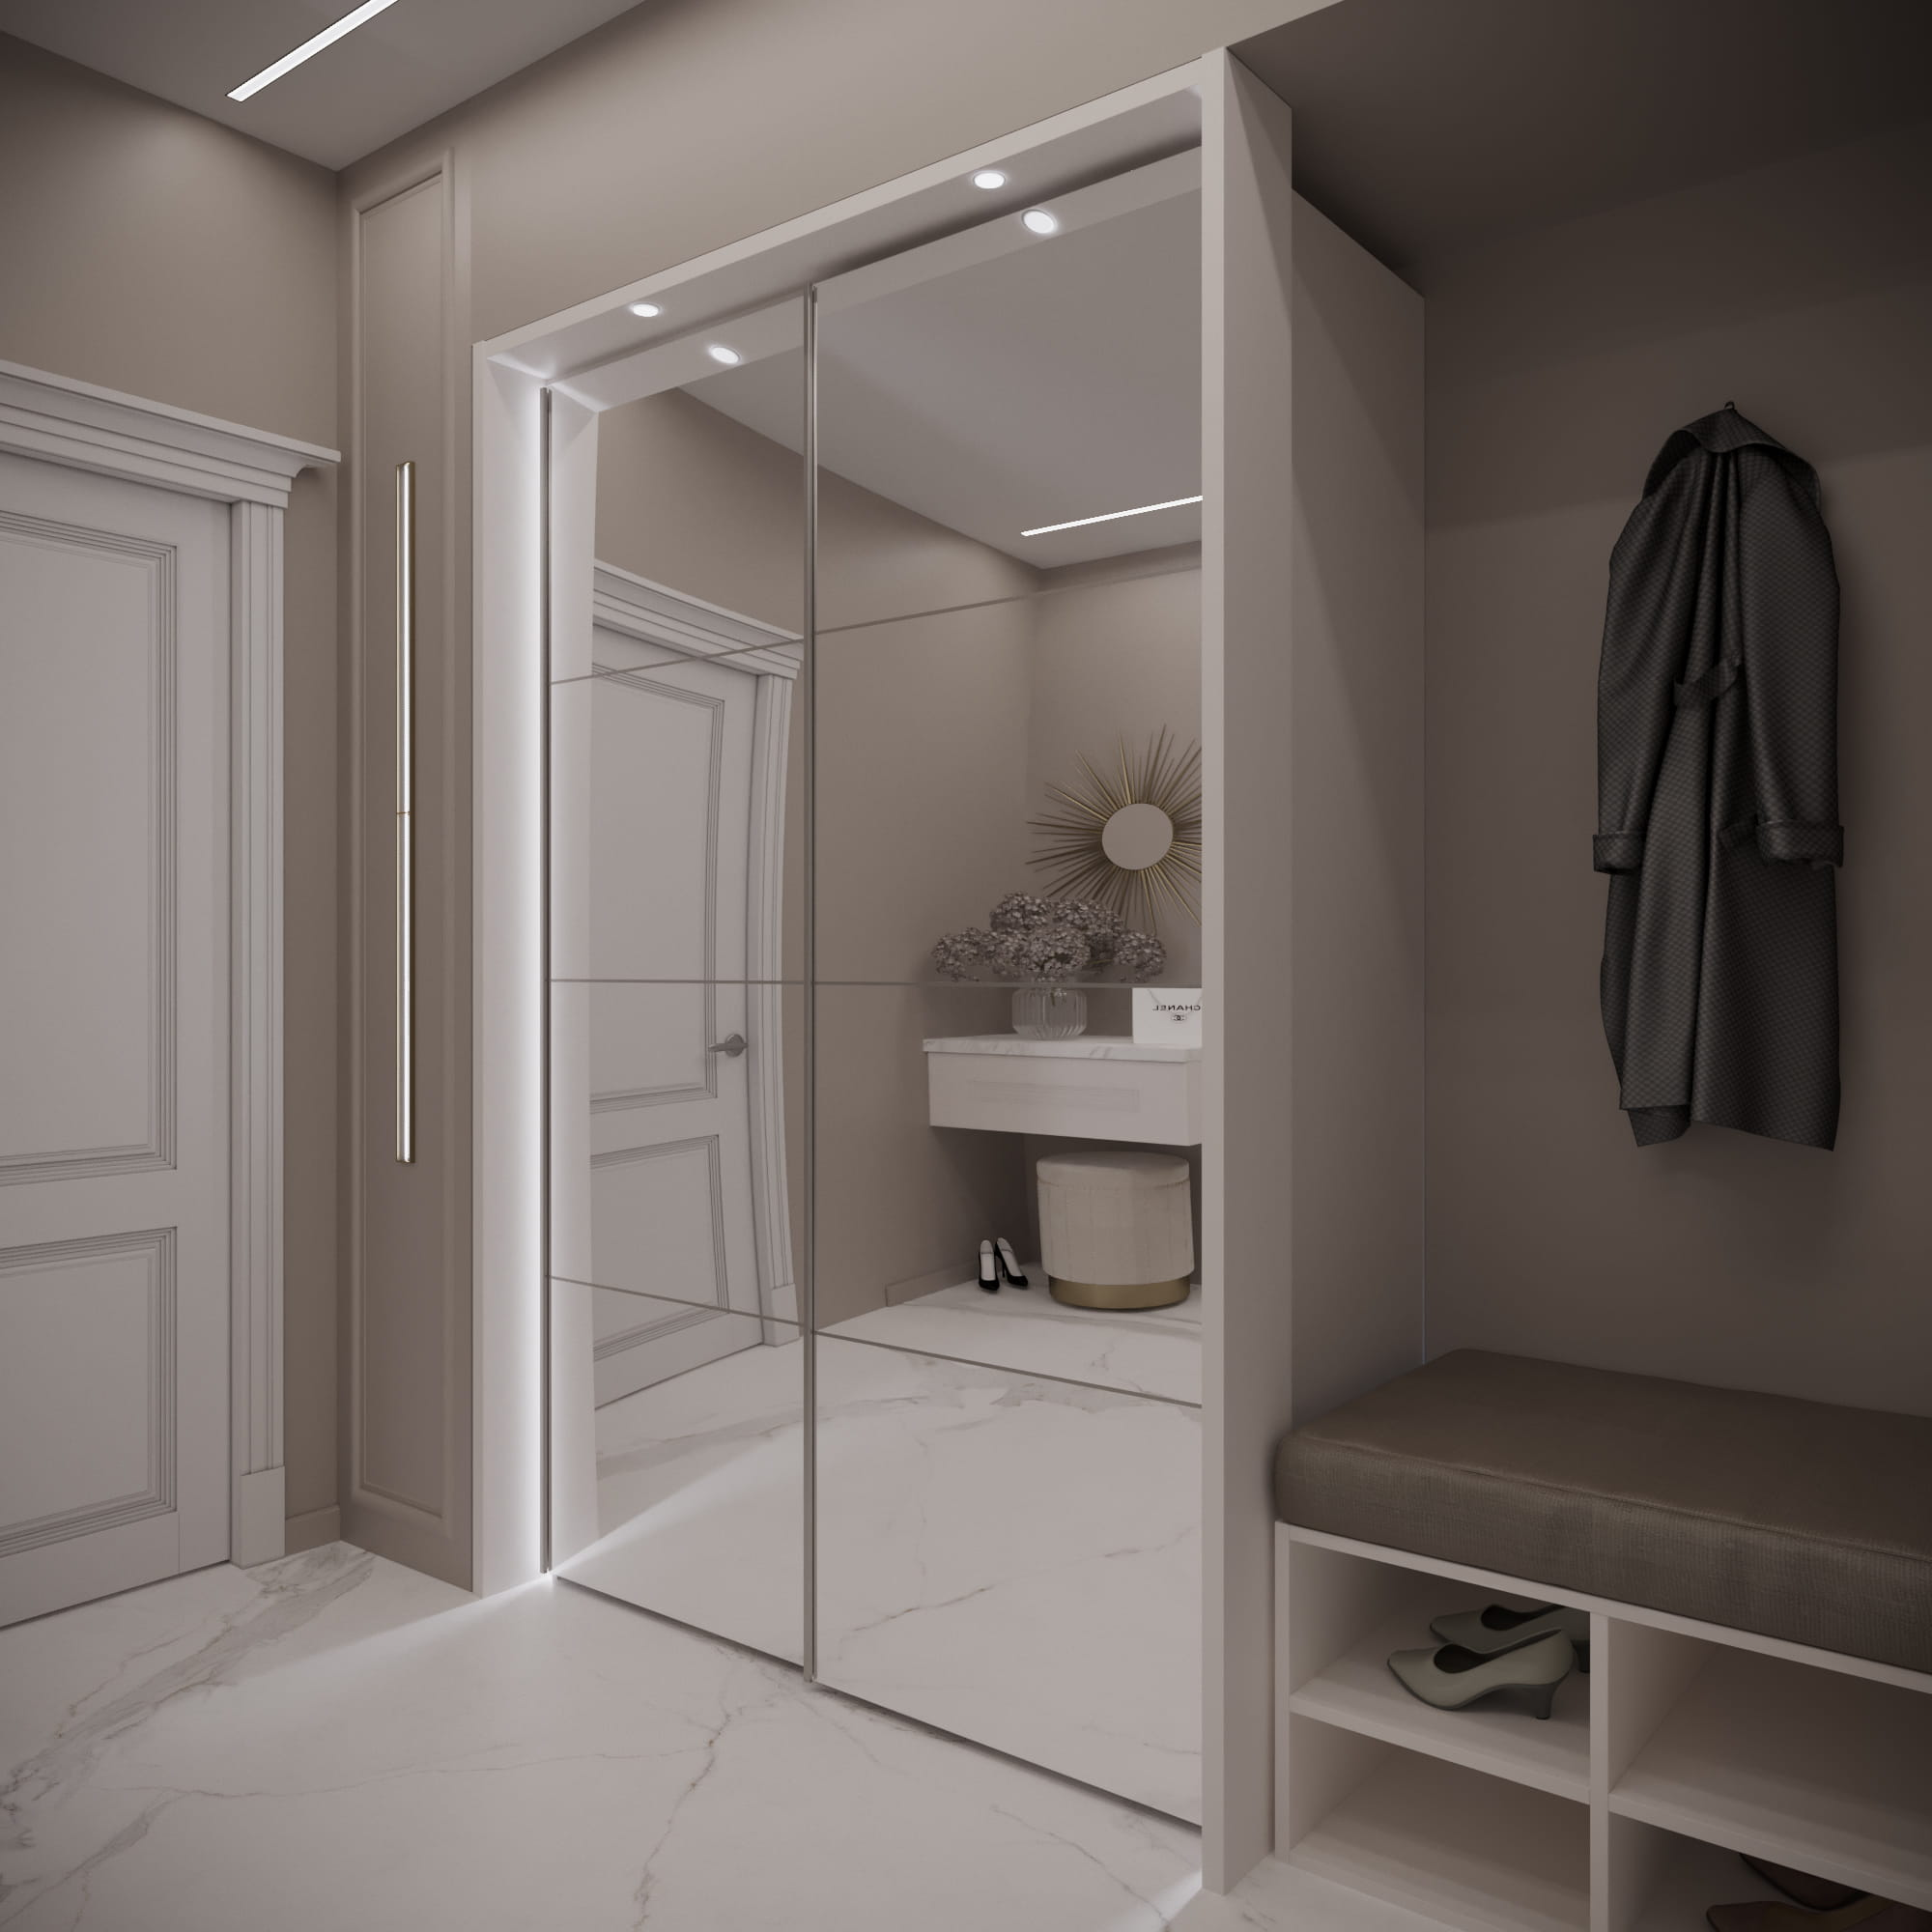 Гардеробная в прихожей (55 фото): встроенный шкаф-гардероб в коридоре, угловые мини-гардеробные для маленькой прихожей и другие варианты